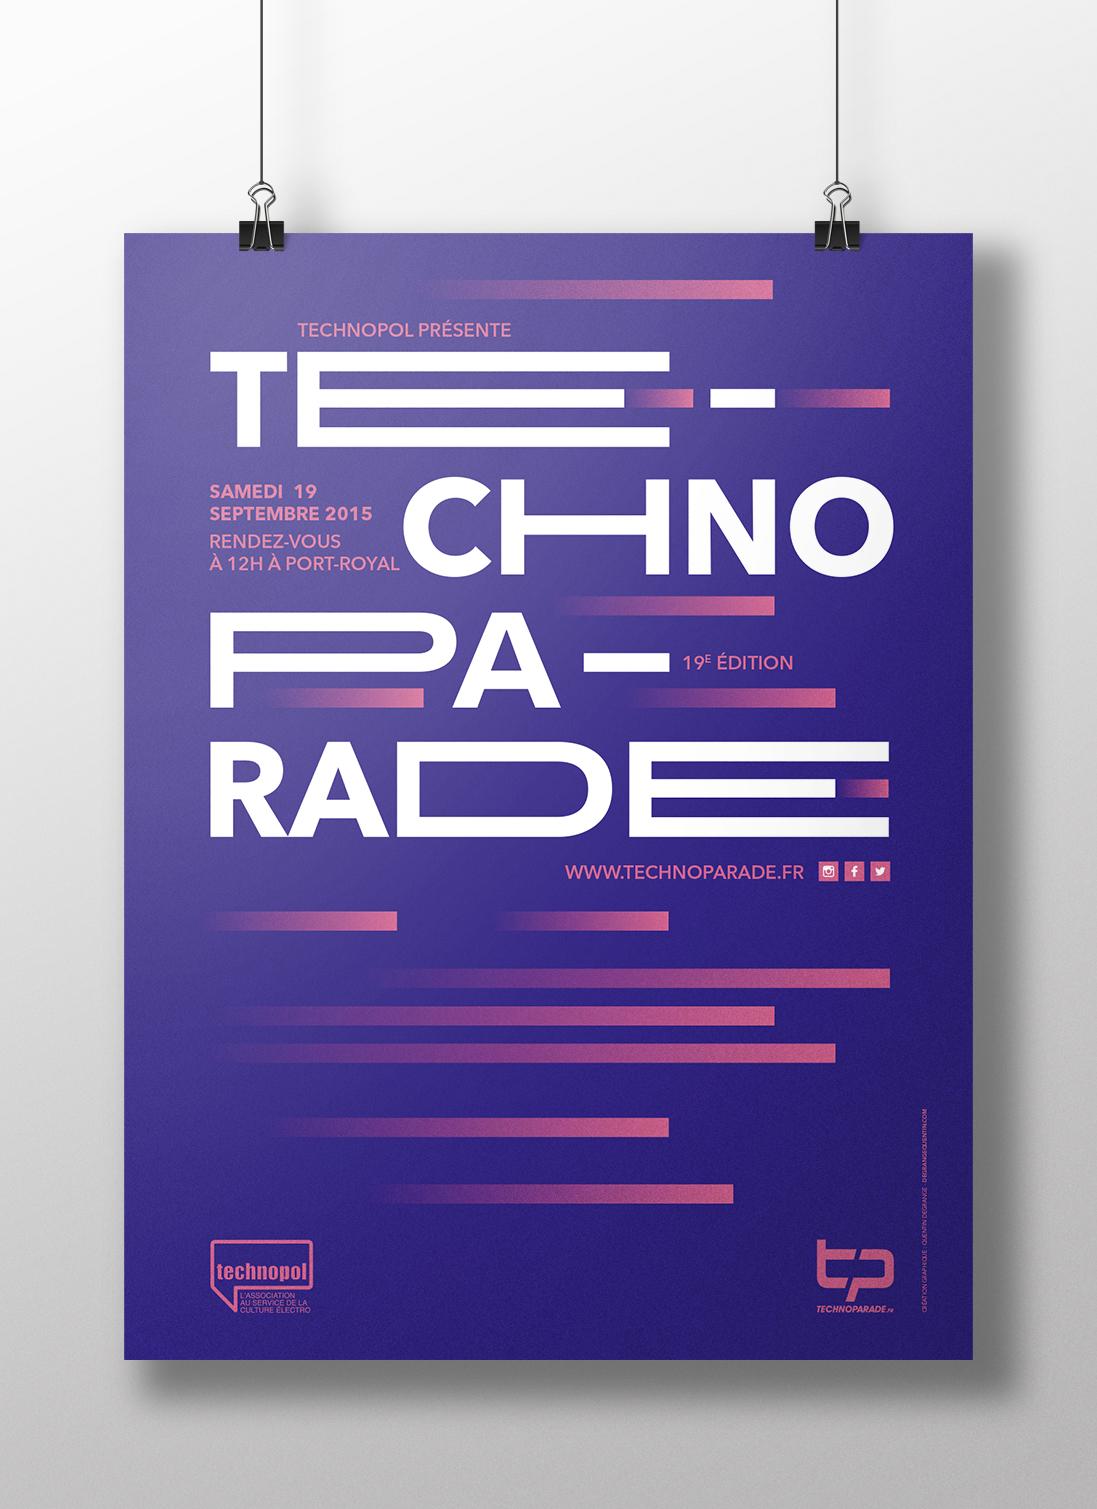 Techno Parade 2015 - Mockup affiche